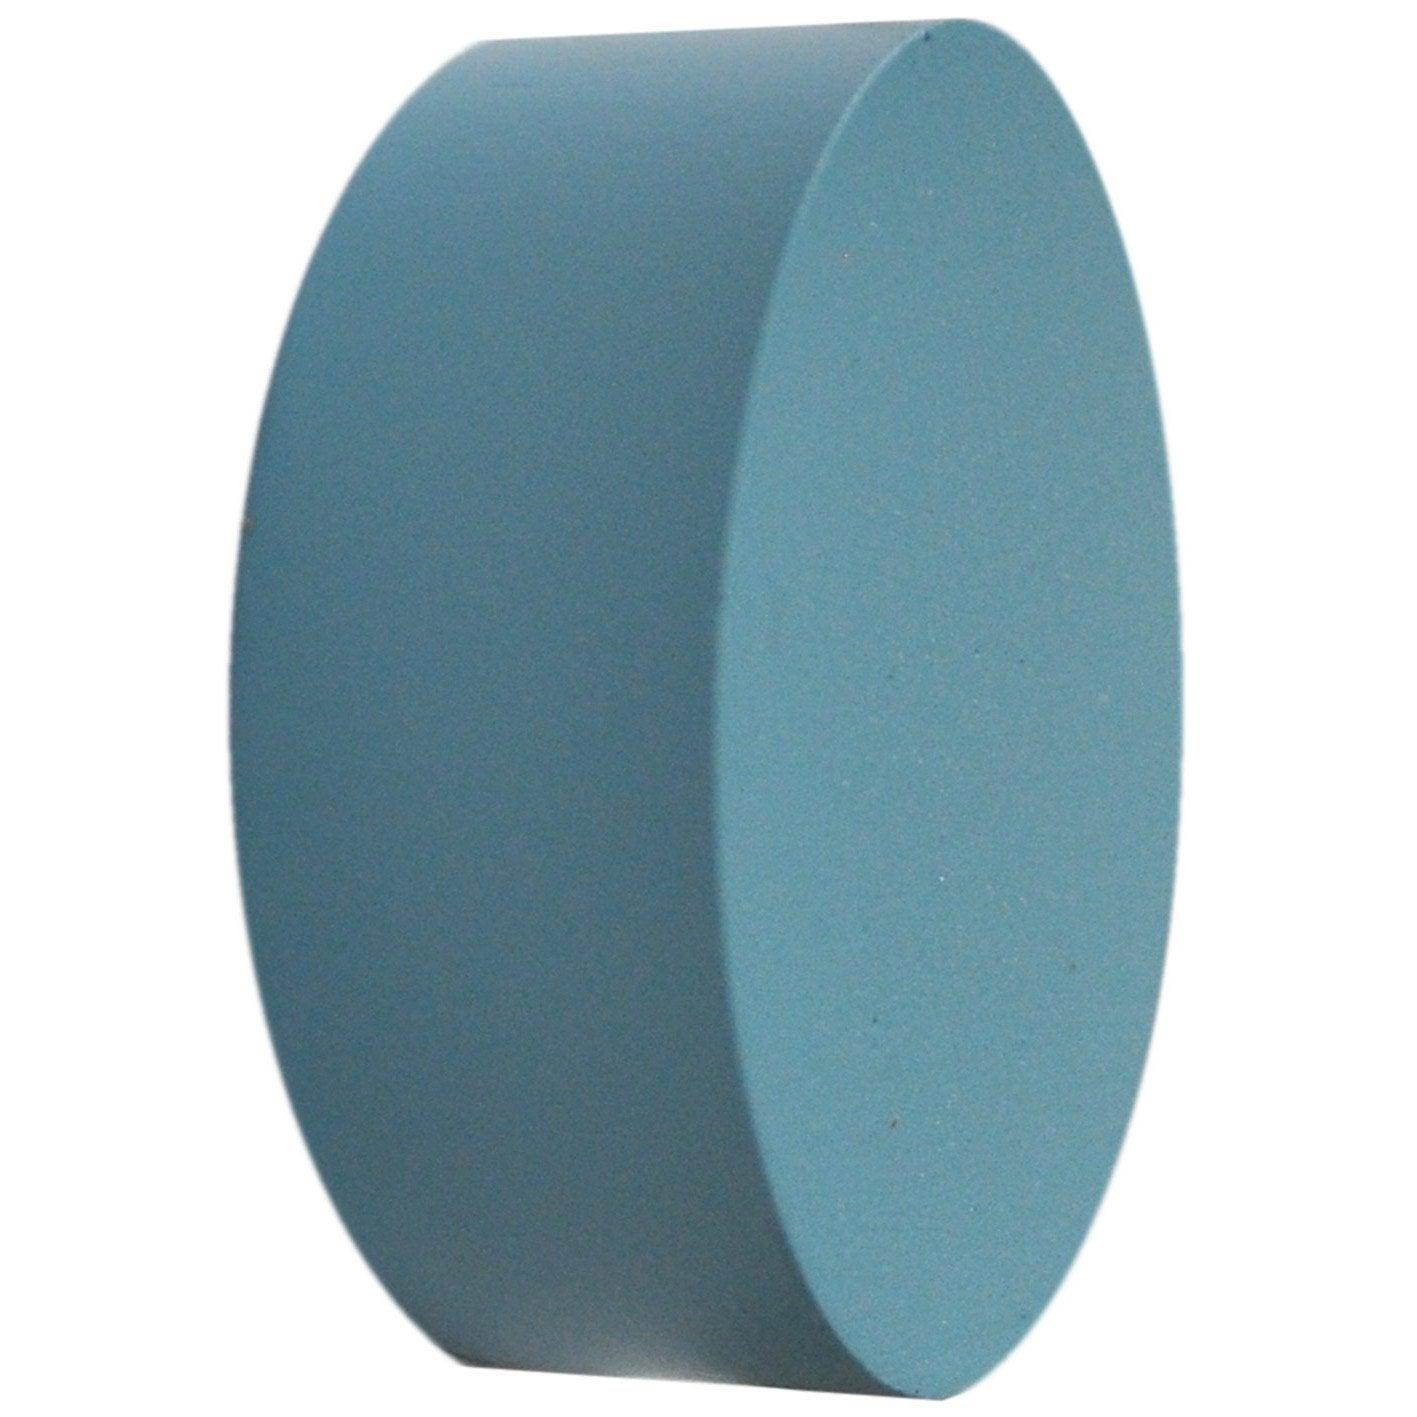 Embout cercle inspire pour tringle rideau mm - Leroy merlin tringle a rideau ...